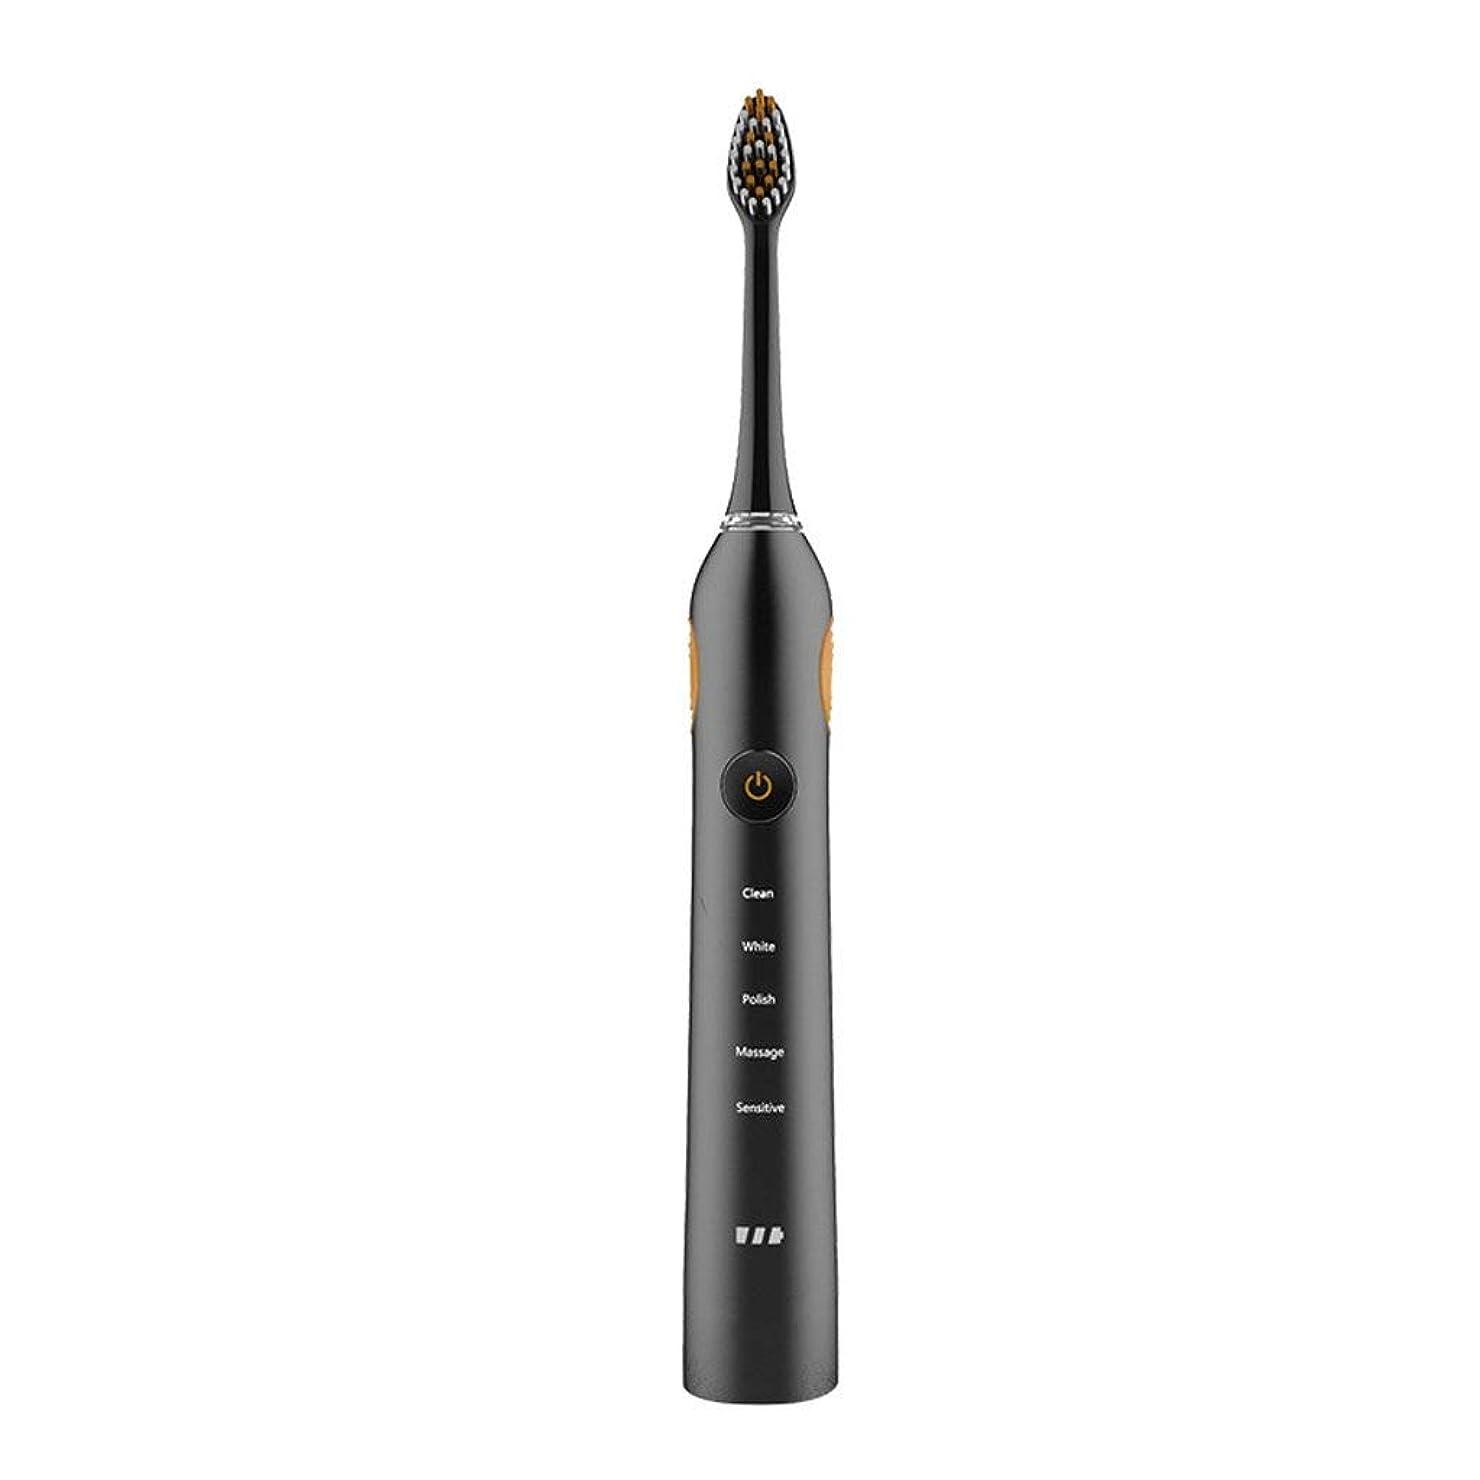 火曜日診療所挽く音波歯ブラシIPX7防水電動歯ブラシ低ノイズ電動歯ブラシ2交換ヘッド5ブラッシングモード(色:B)